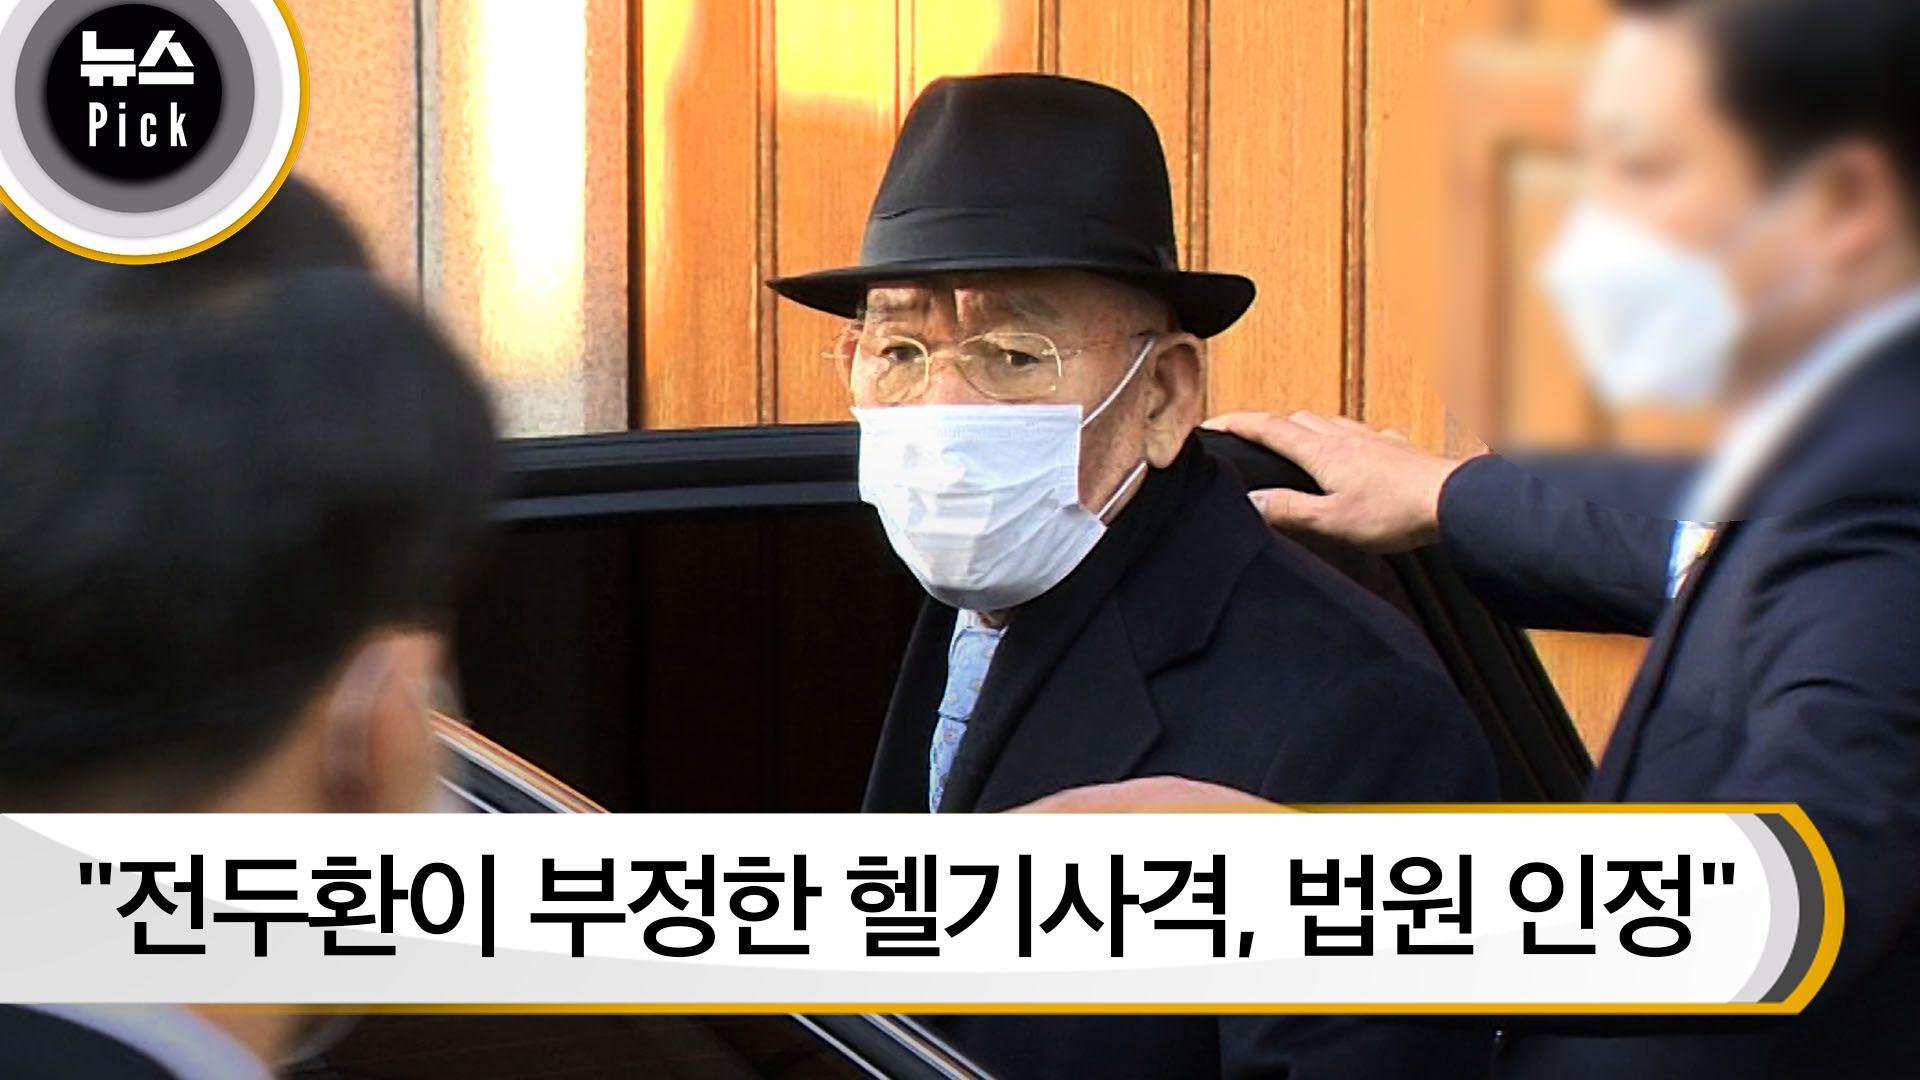 """[뉴스픽]""""전두환이 부정한 헬기사격, 법원 인정"""""""